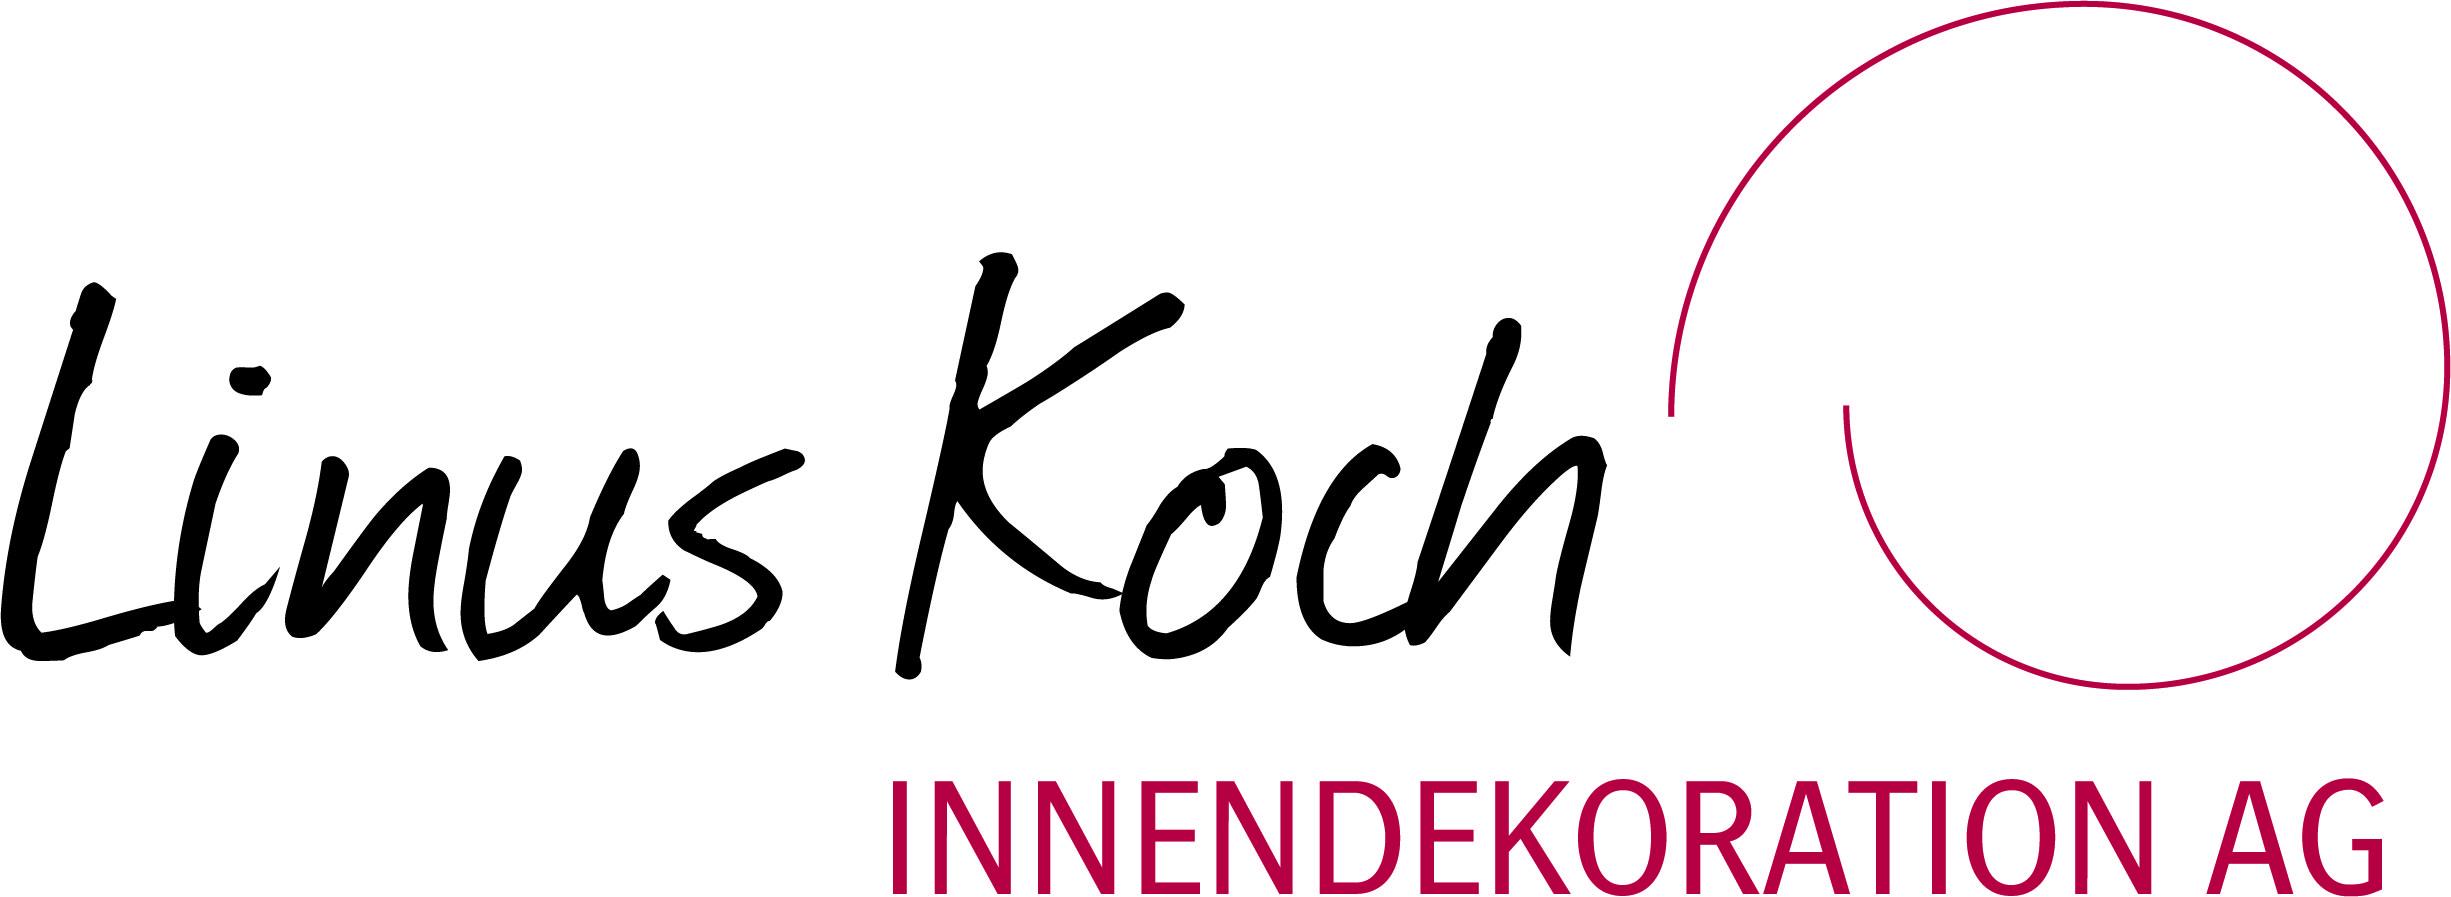 Linus Koch Innendekoration